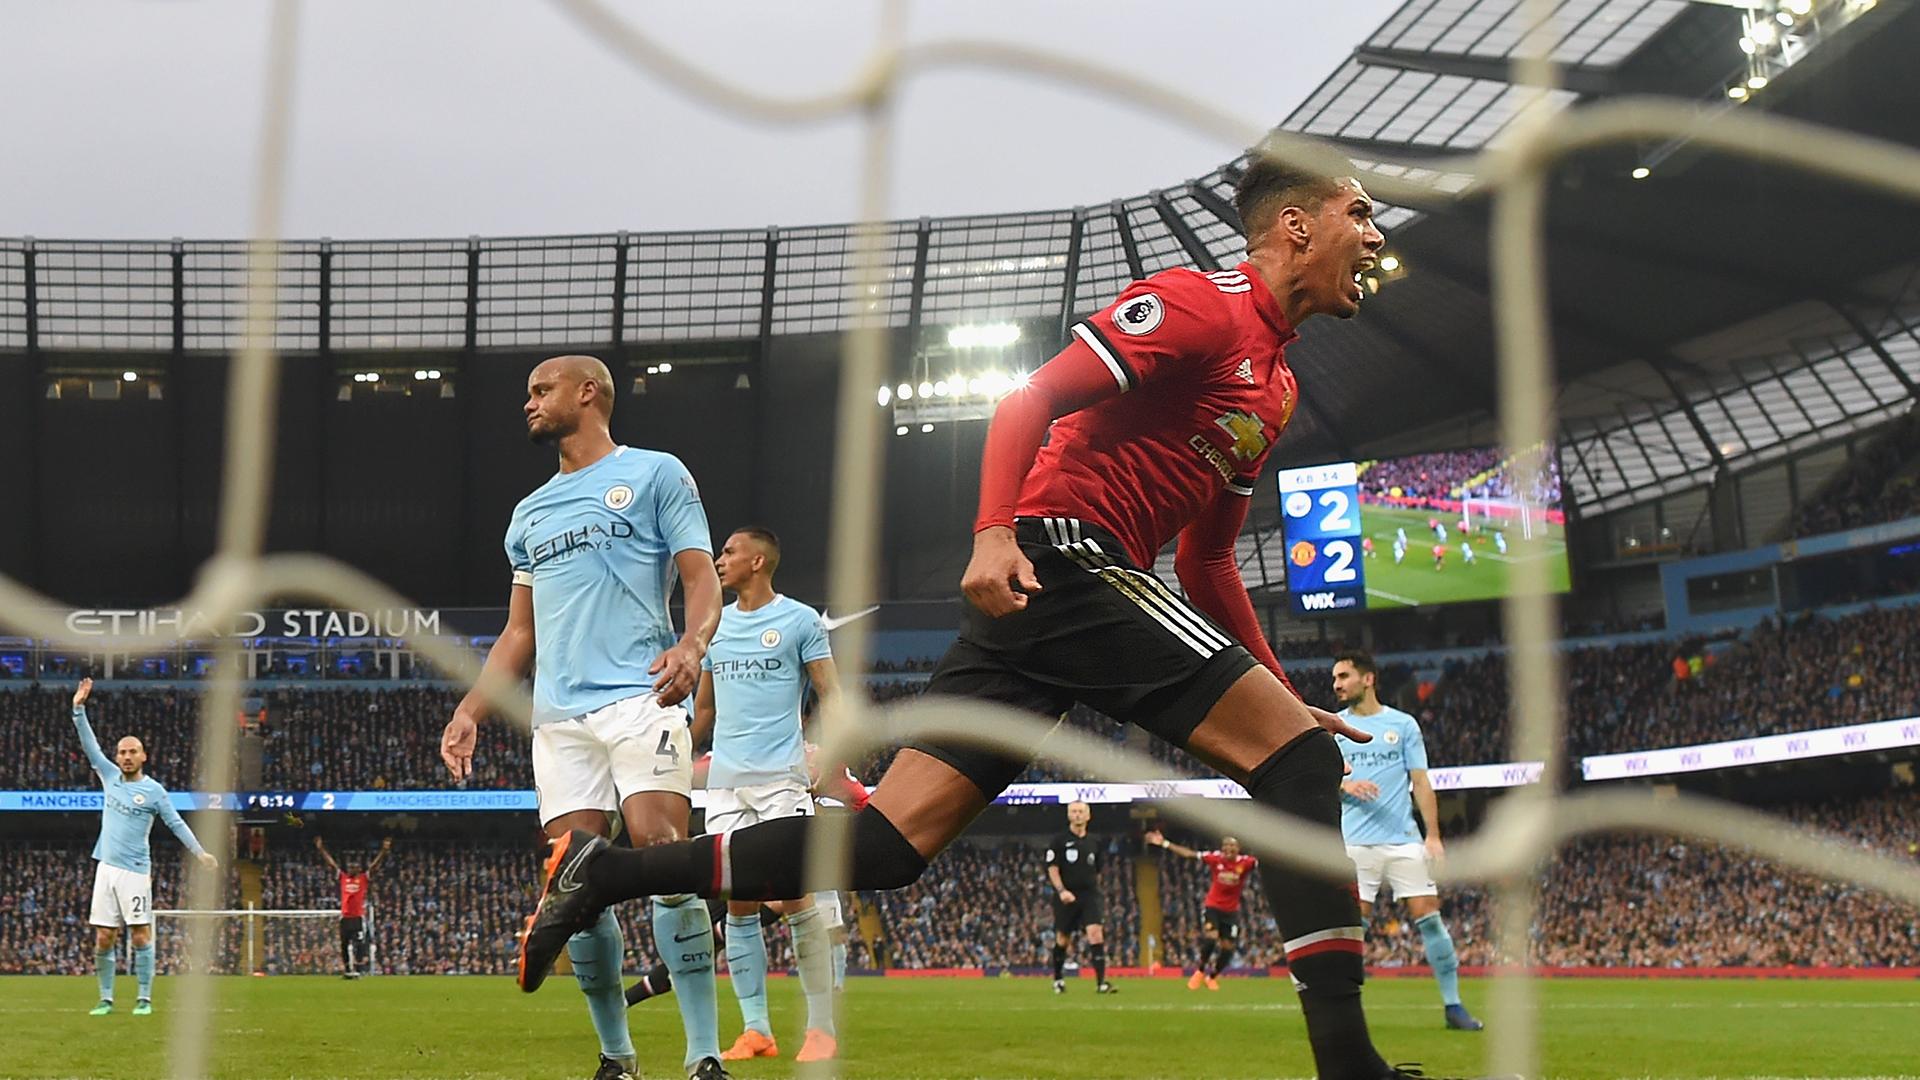 Manchester City Manchester United Premier League 2017-18